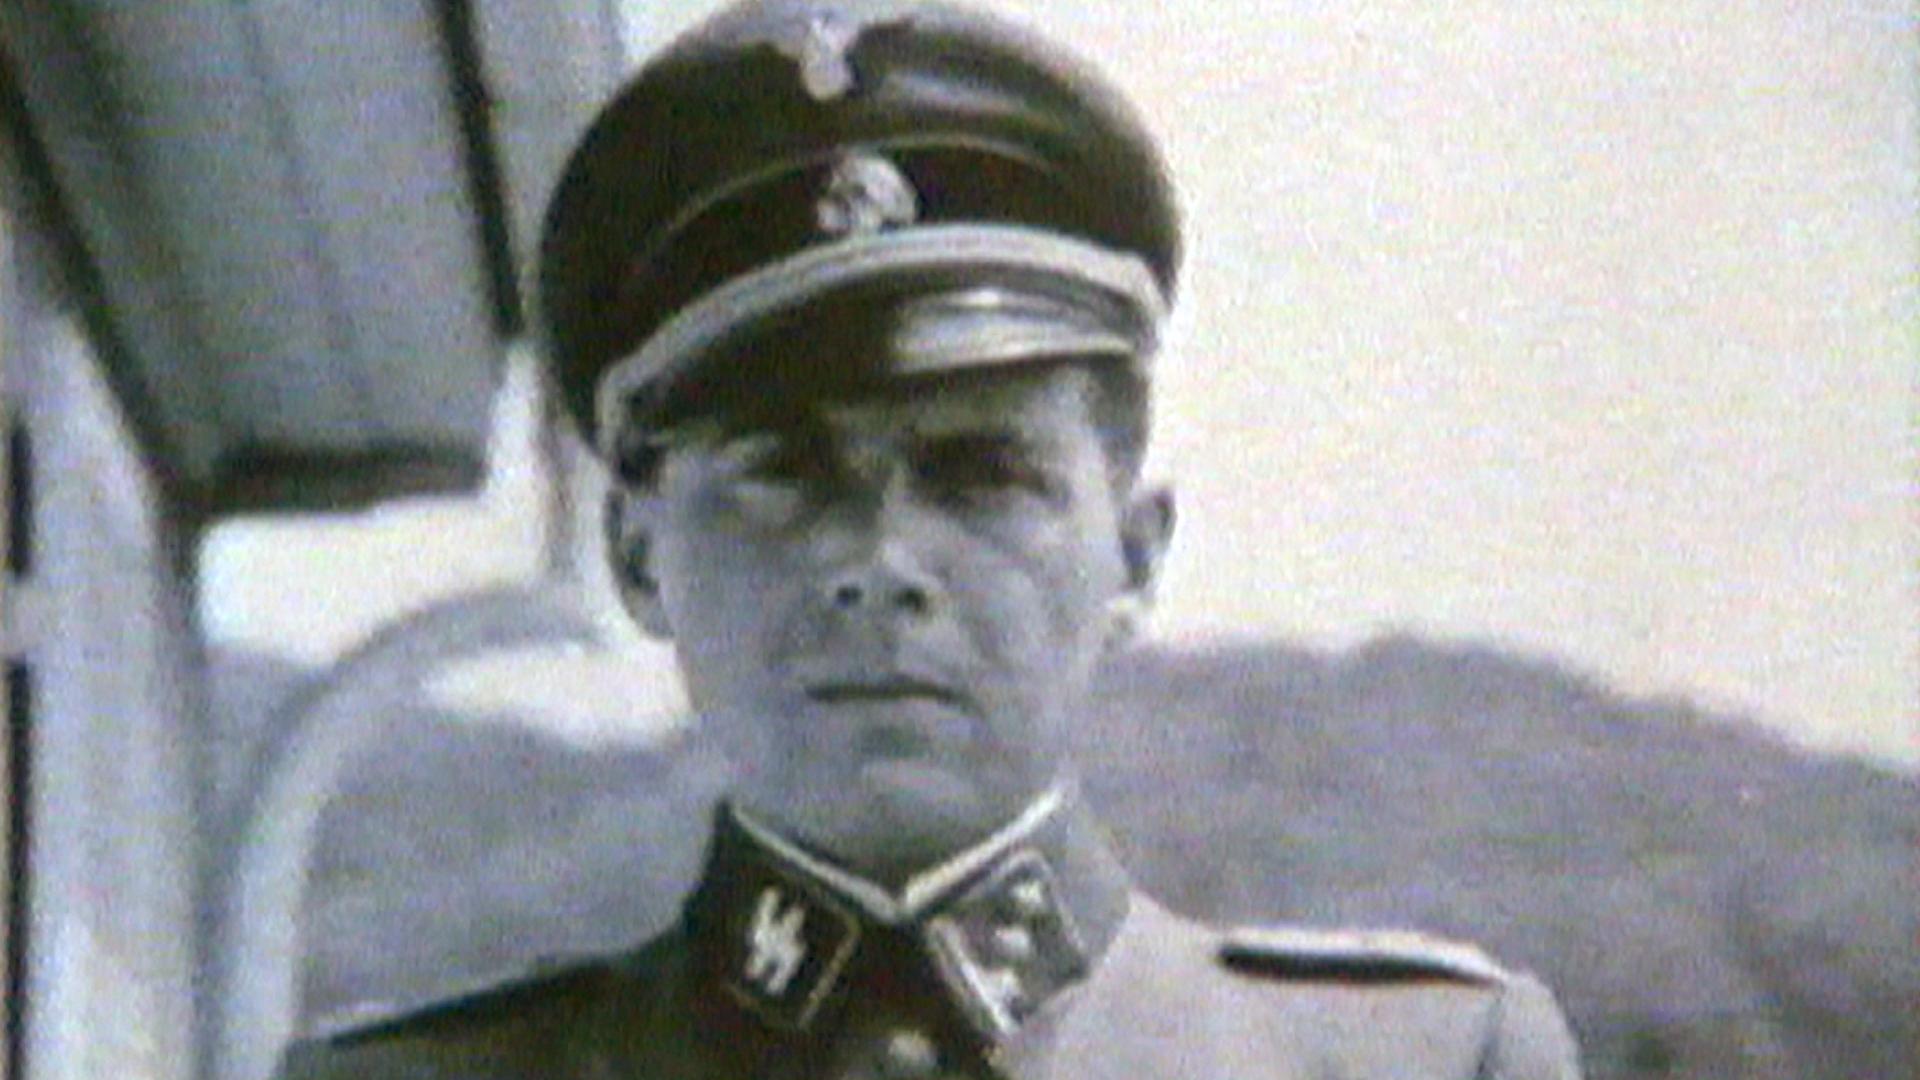 Mengele: Vuelve a Suiza el 'Ángel de la Muerte' - SWI swissinfo.ch